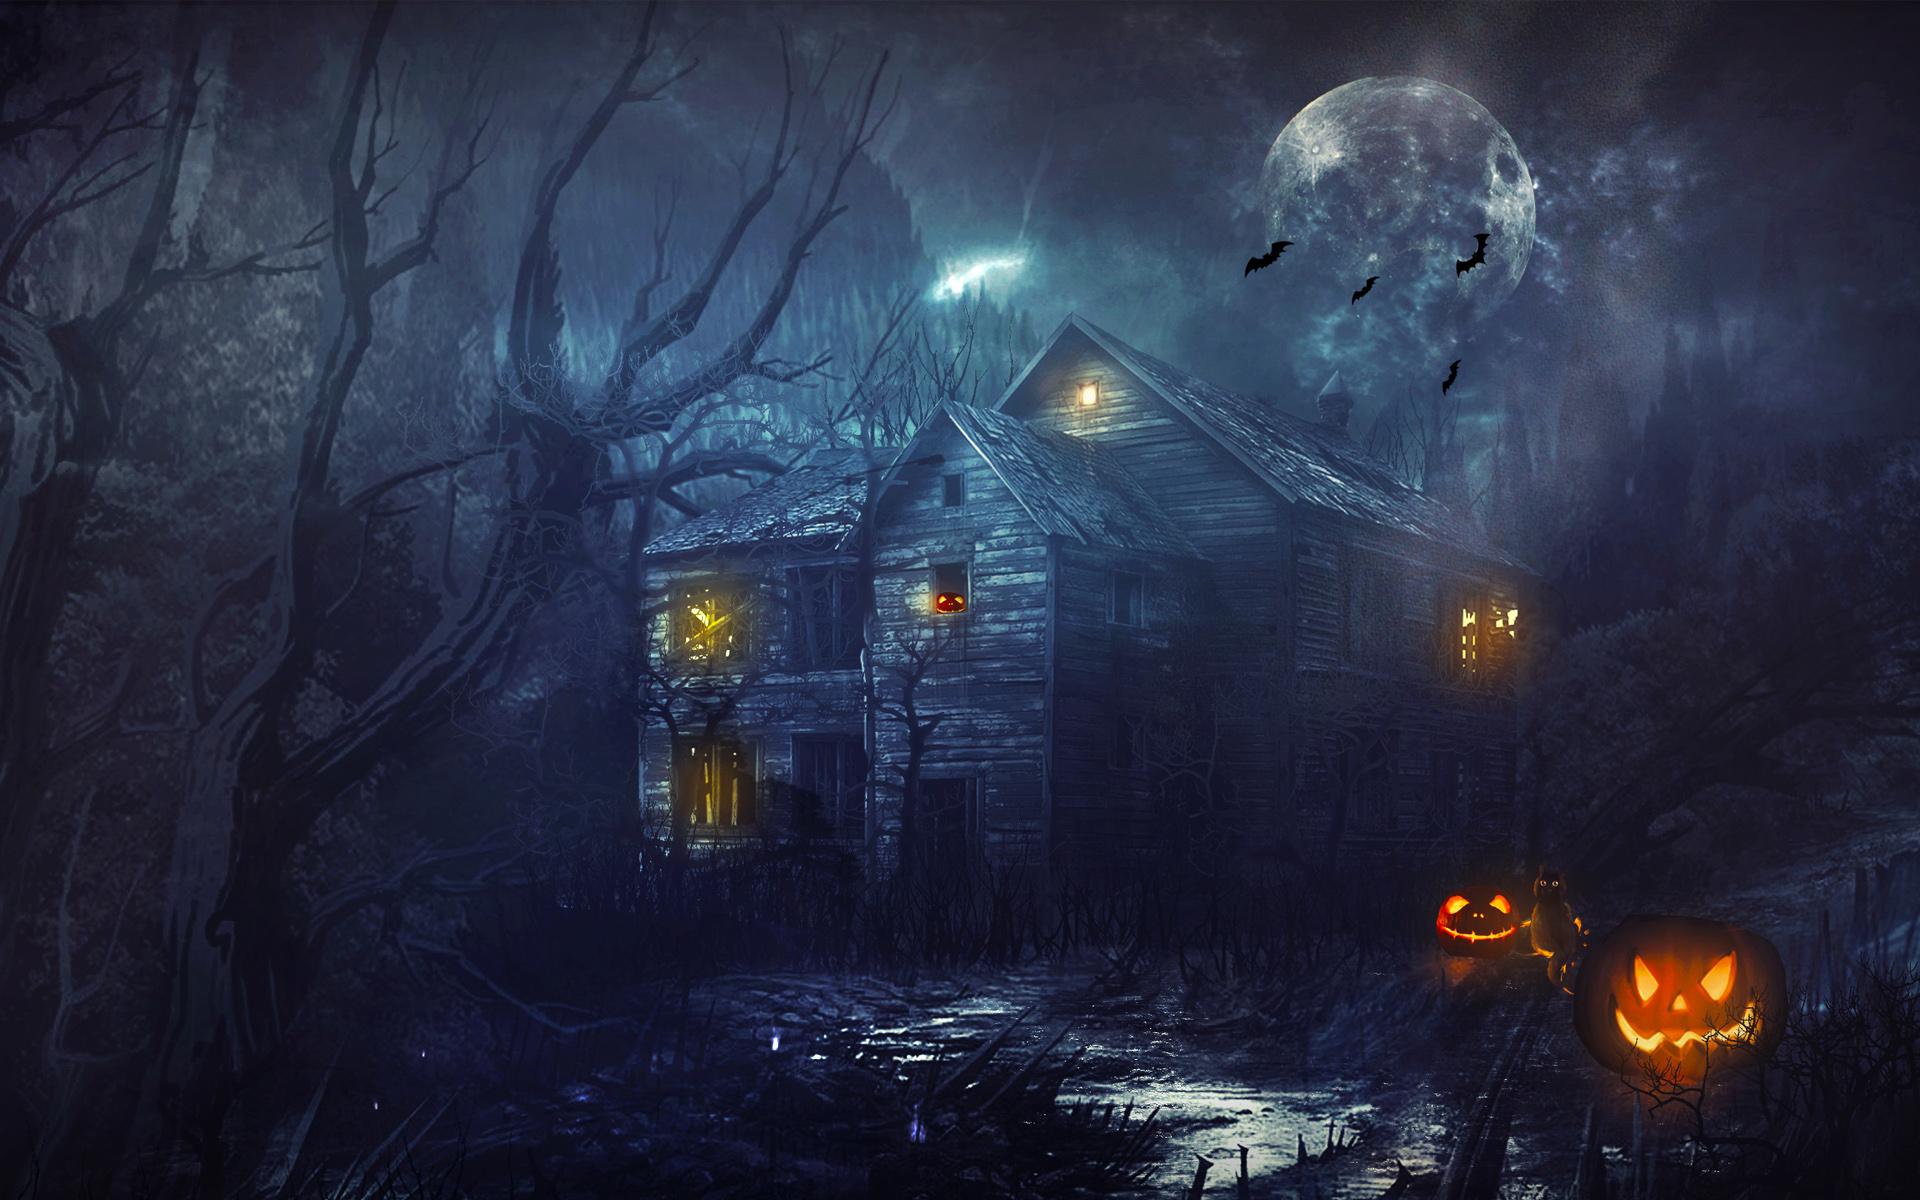 halloween wallpaper 48659